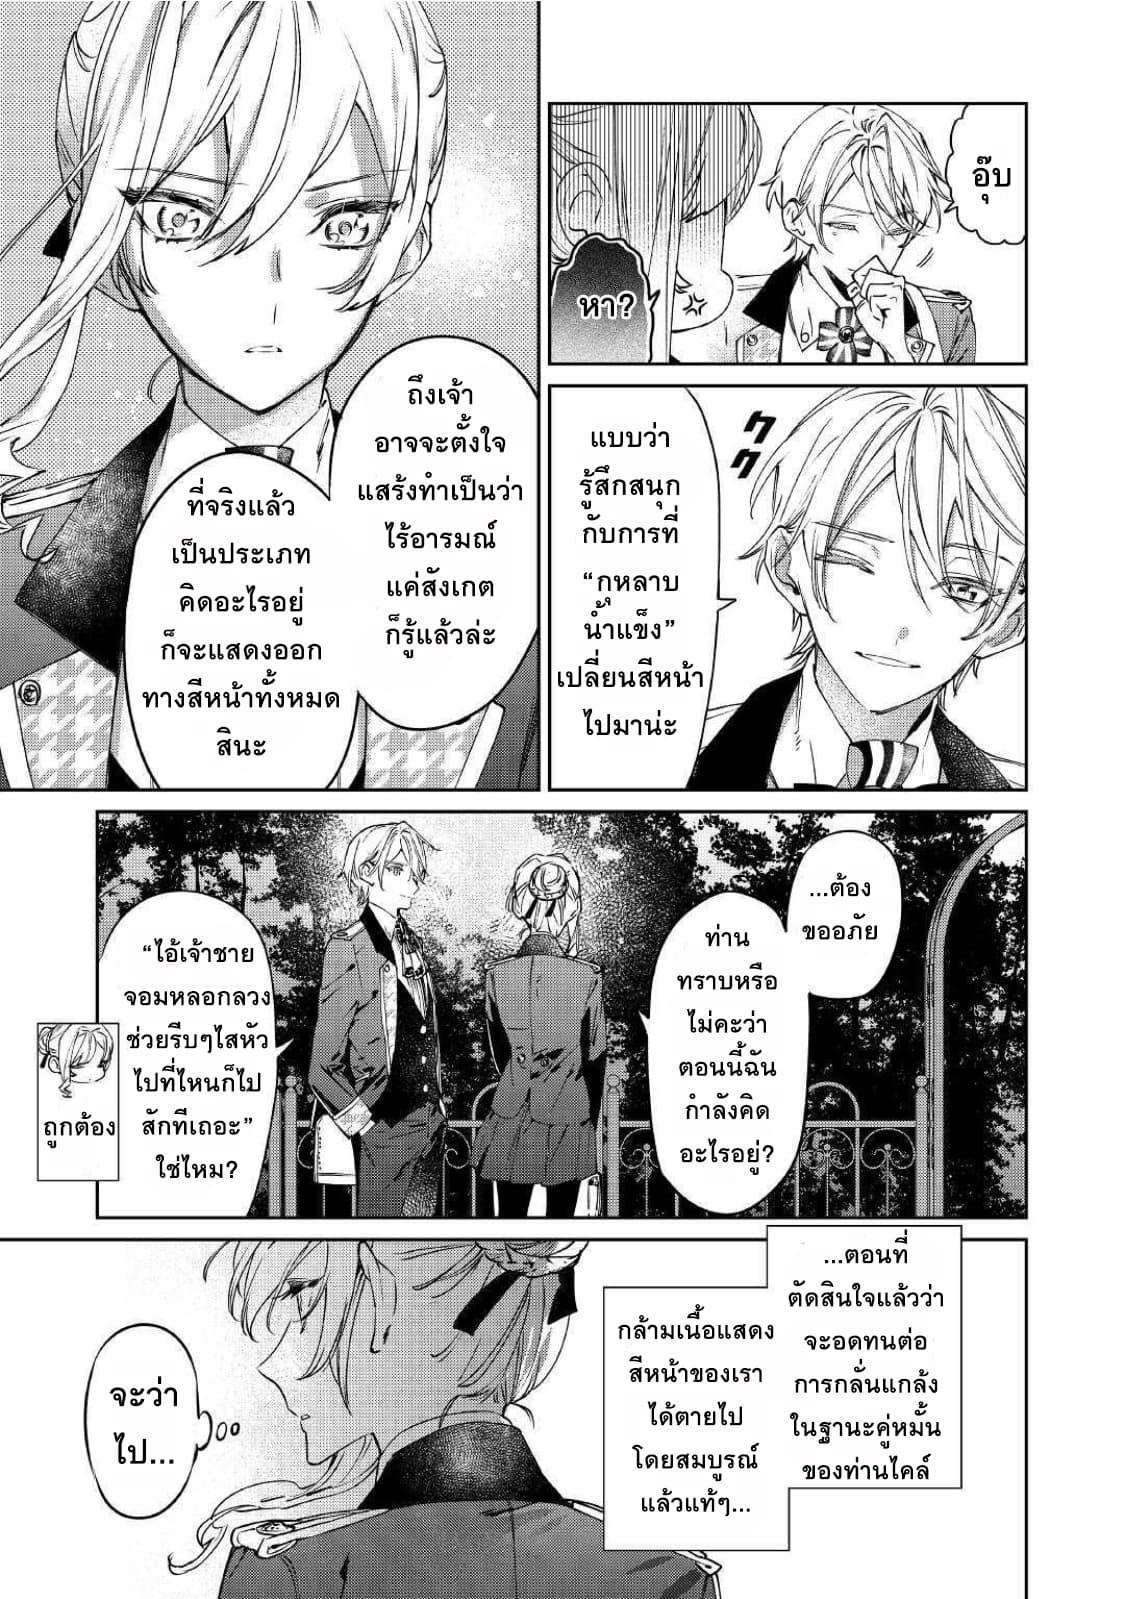 อ่านการ์ตูน Saigo ni Hitotsu Dake Onengai Shitemo Yoroshii Deshouka ตอนที่ 3 หน้าที่ 16